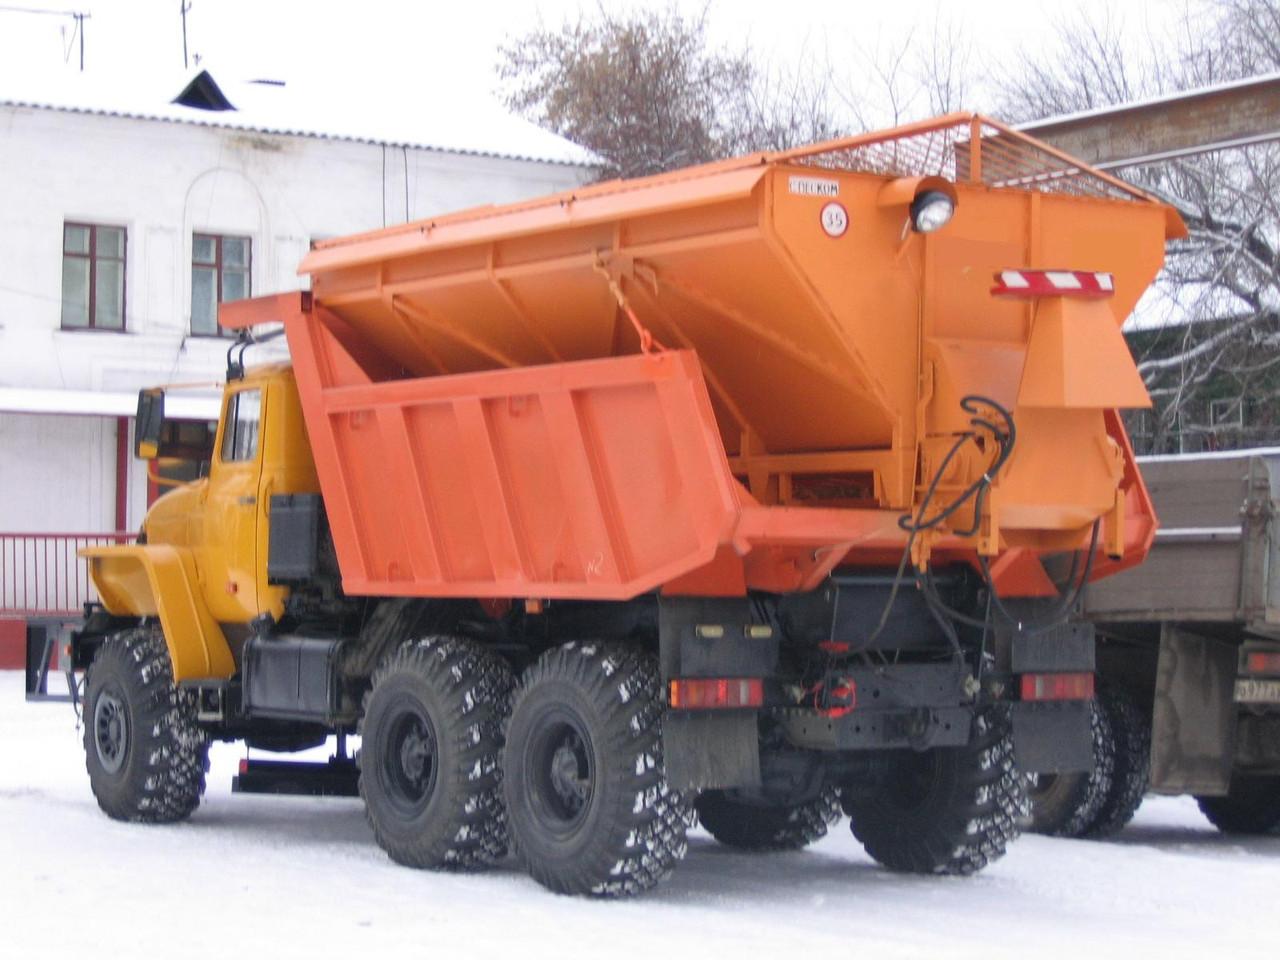 Пескоразбрасывающее оборудование МД-651